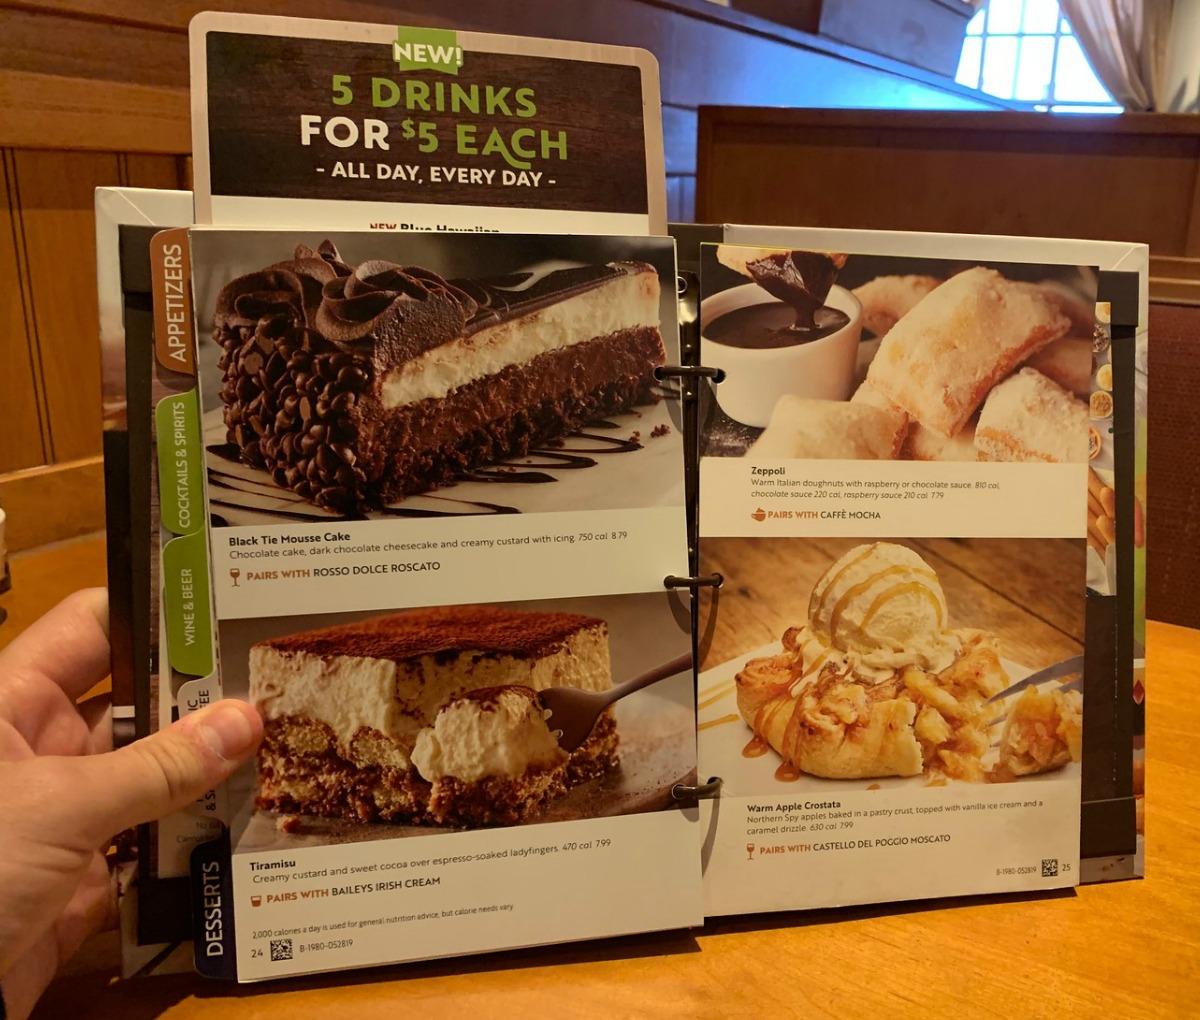 Free Birthday Dessert At Olive Garden No Purchase Required